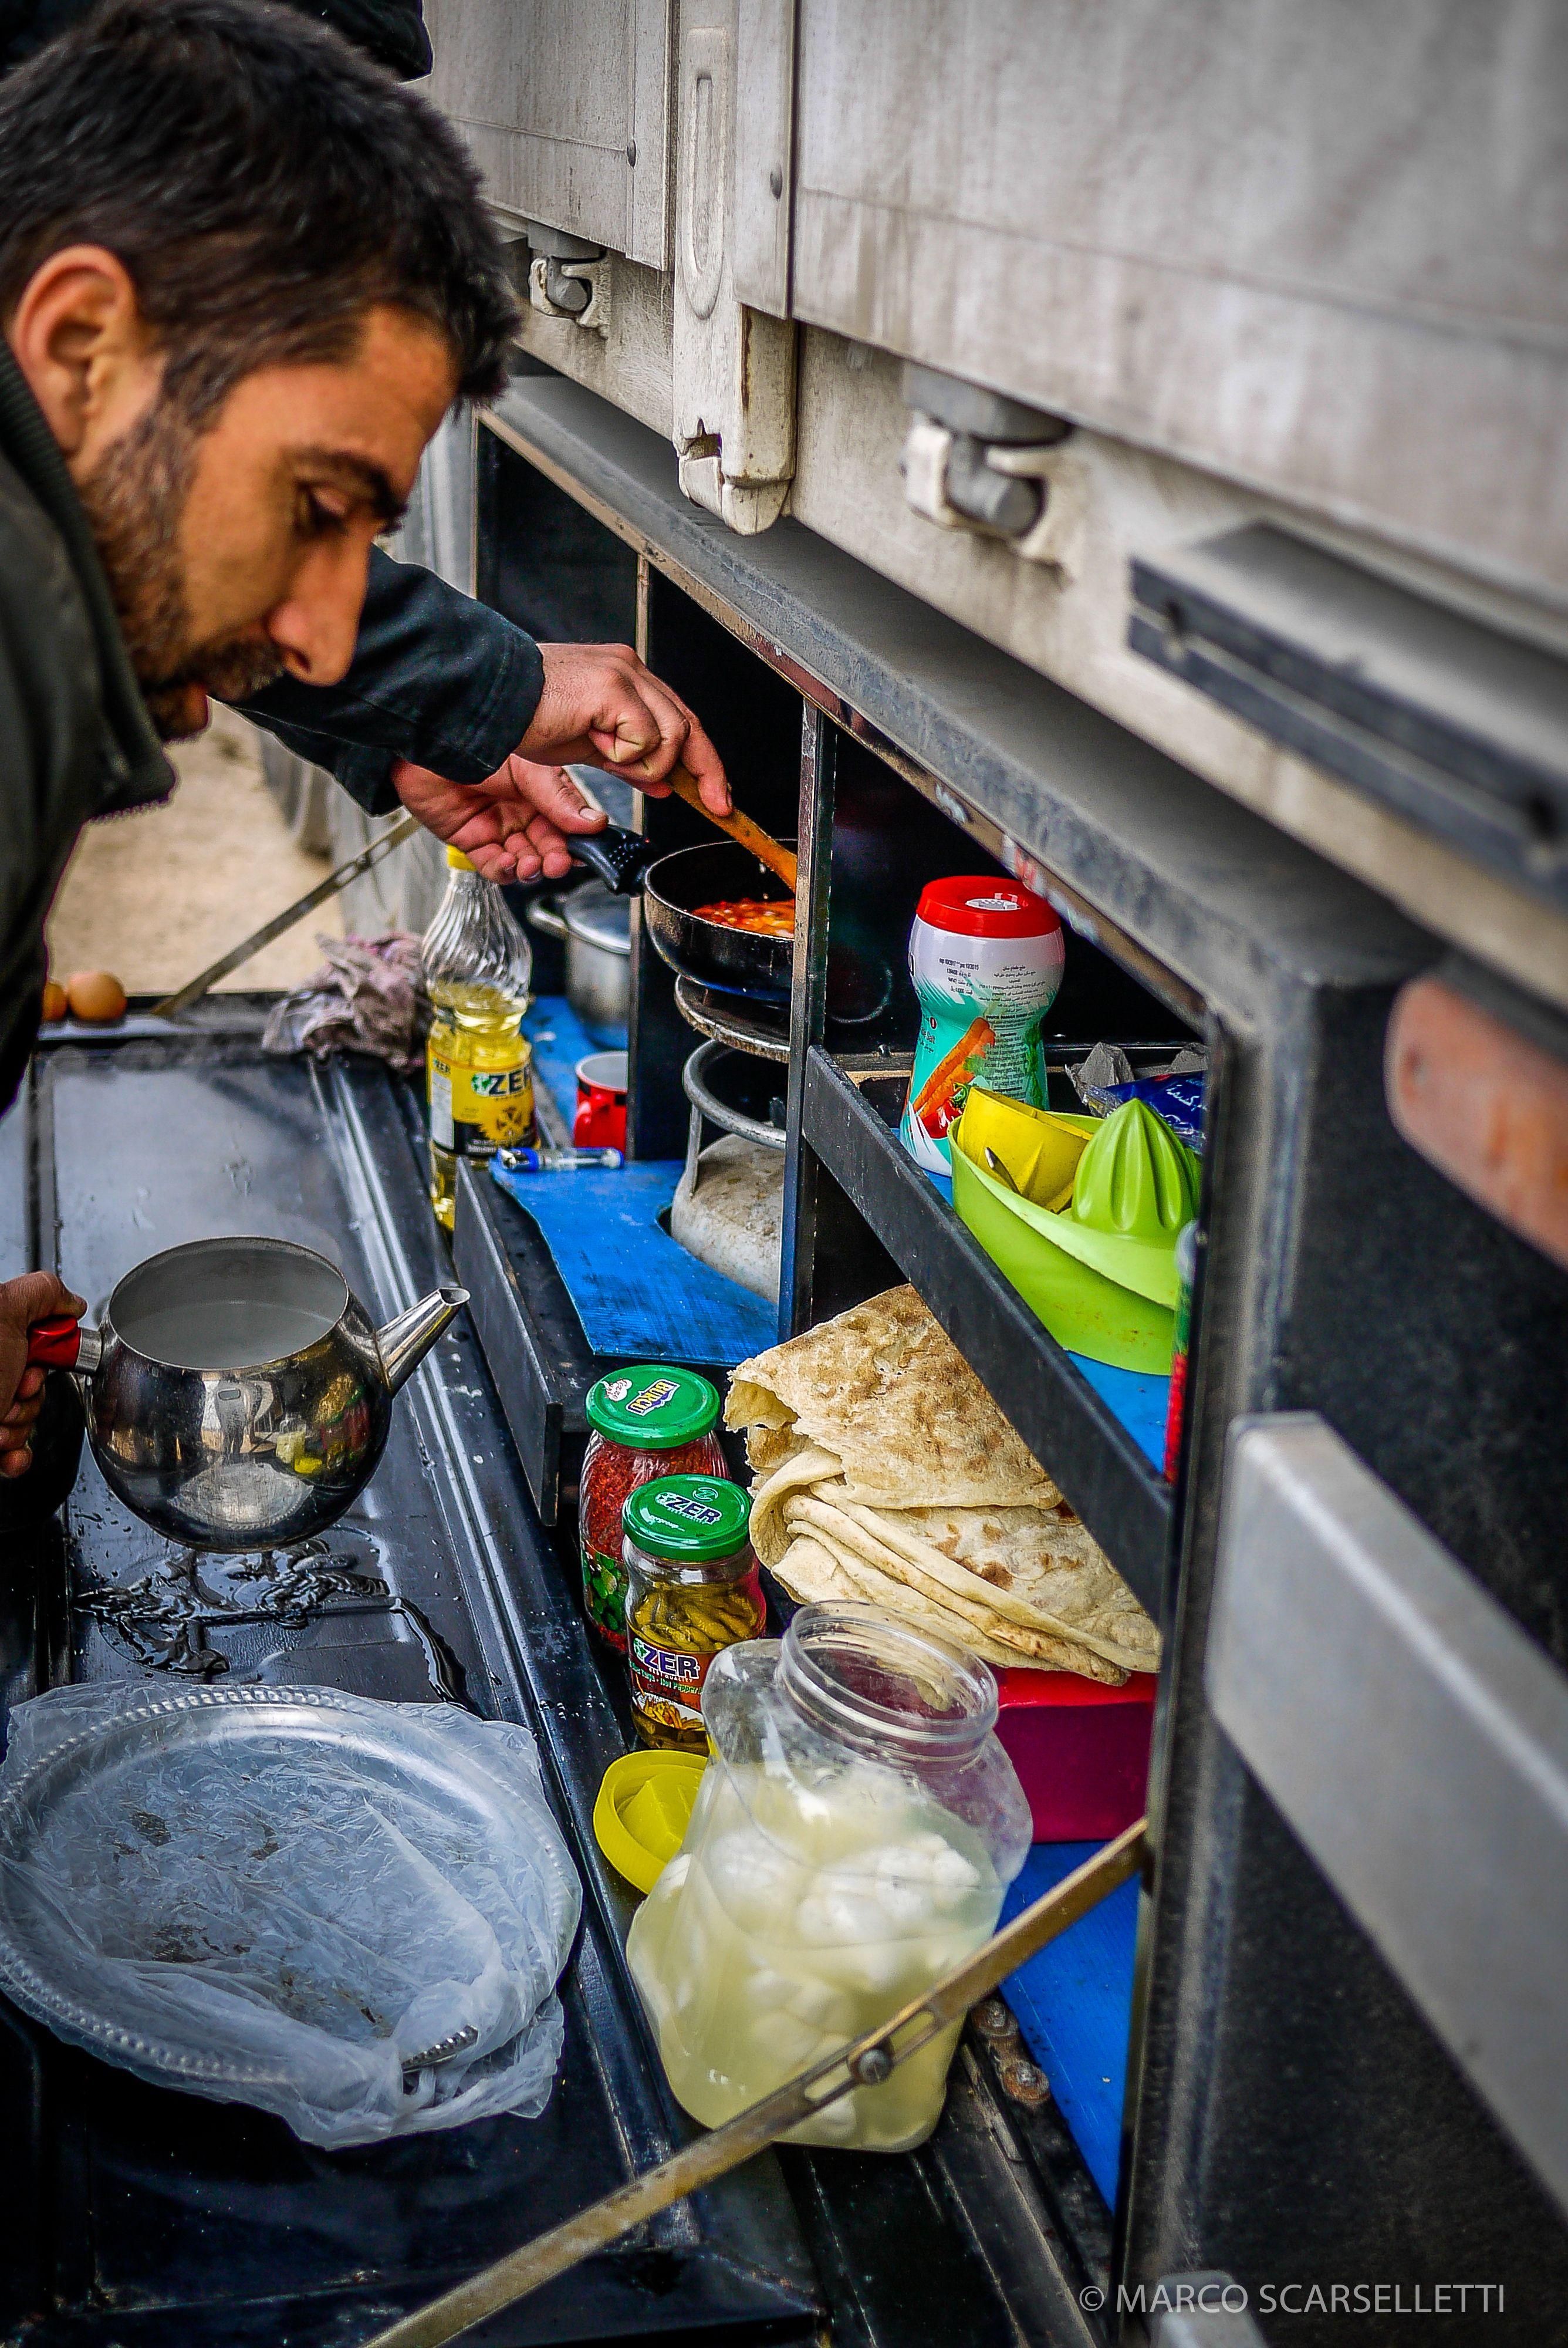 Camionisti turchi che preparano il pranzo nella loro cucina portatile inserita nel camion